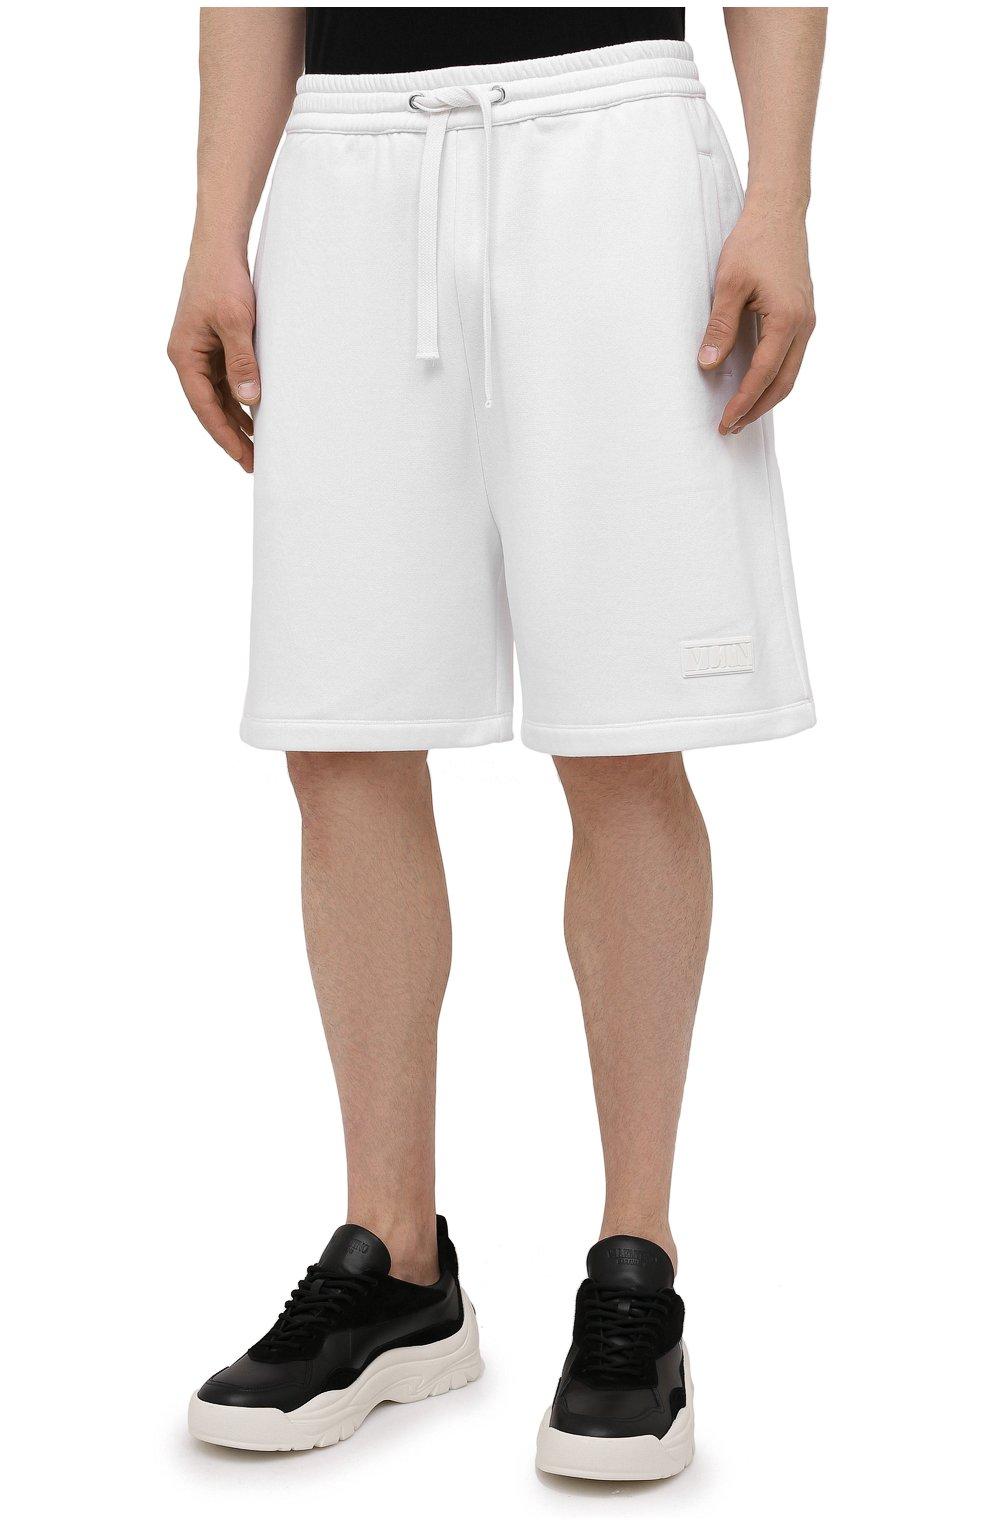 Мужские хлопковые шорты VALENTINO белого цвета, арт. WV3MD02D7FH | Фото 3 (Принт: Без принта; Длина Шорты М: Ниже колена; Кросс-КТ: Трикотаж; Материал внешний: Хлопок; Стили: Спорт-шик)